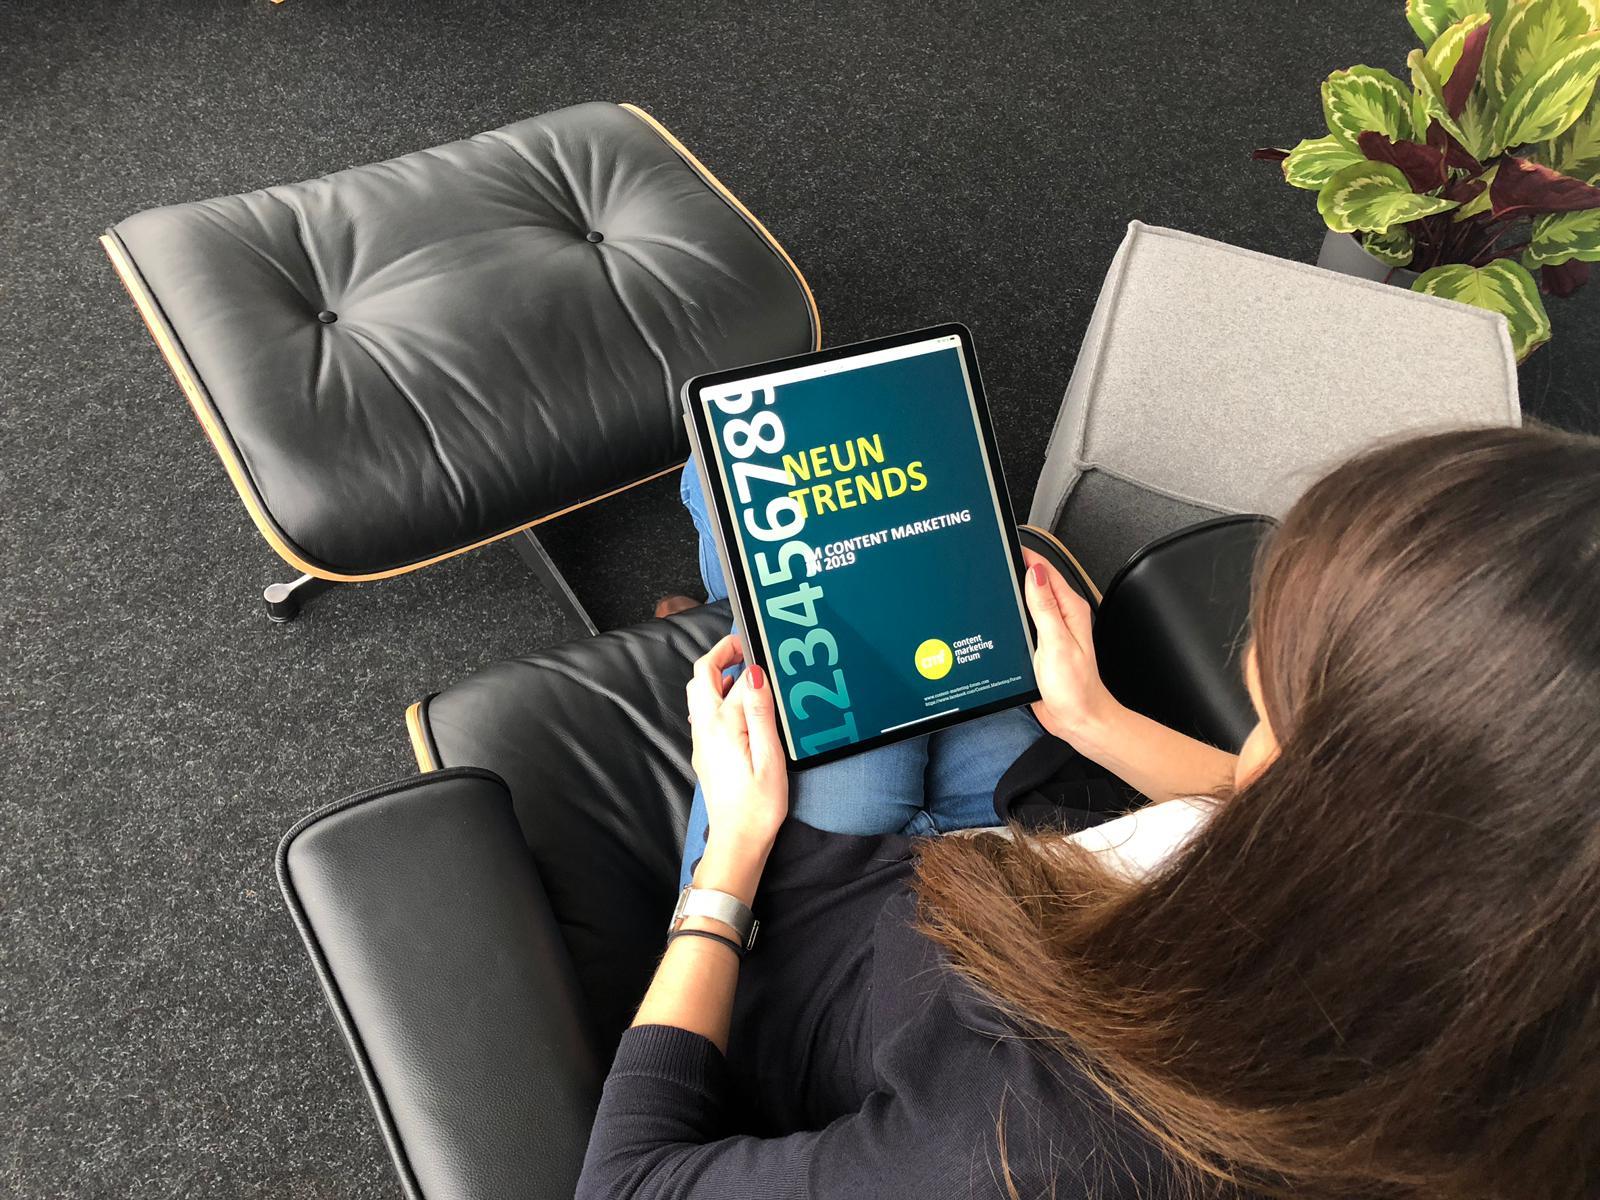 Content Marketing Forum veröffentlicht Content Marketing Trends für das Jahr 2019